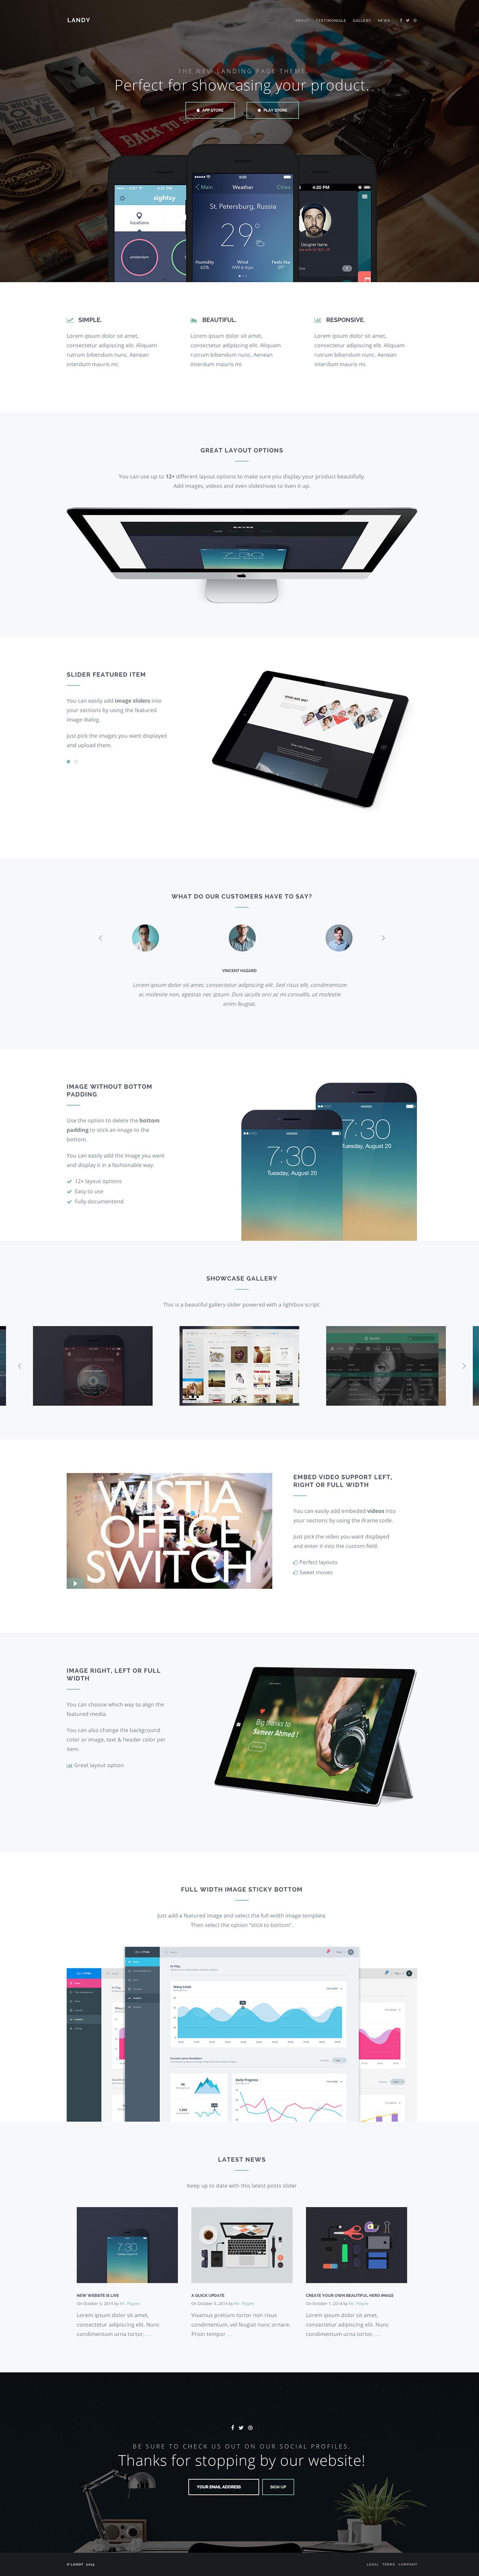 Landy Website Screenshot